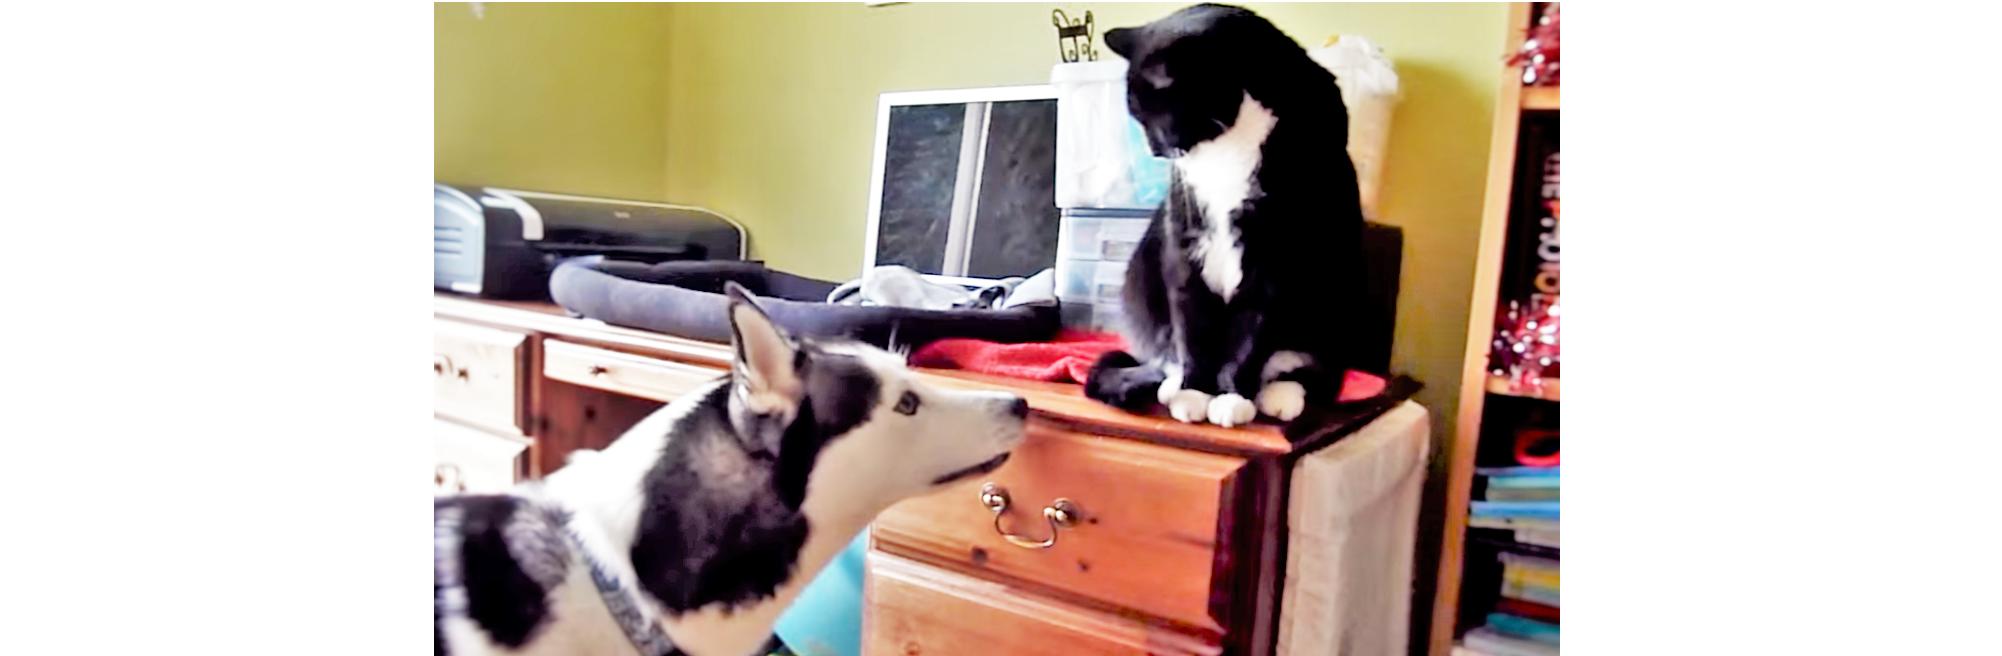 """『一緒に遊ぼう!』新入りニャンコを """"ハスキー語"""" で誘いまくるワンコが… ピュアで可愛い♡"""